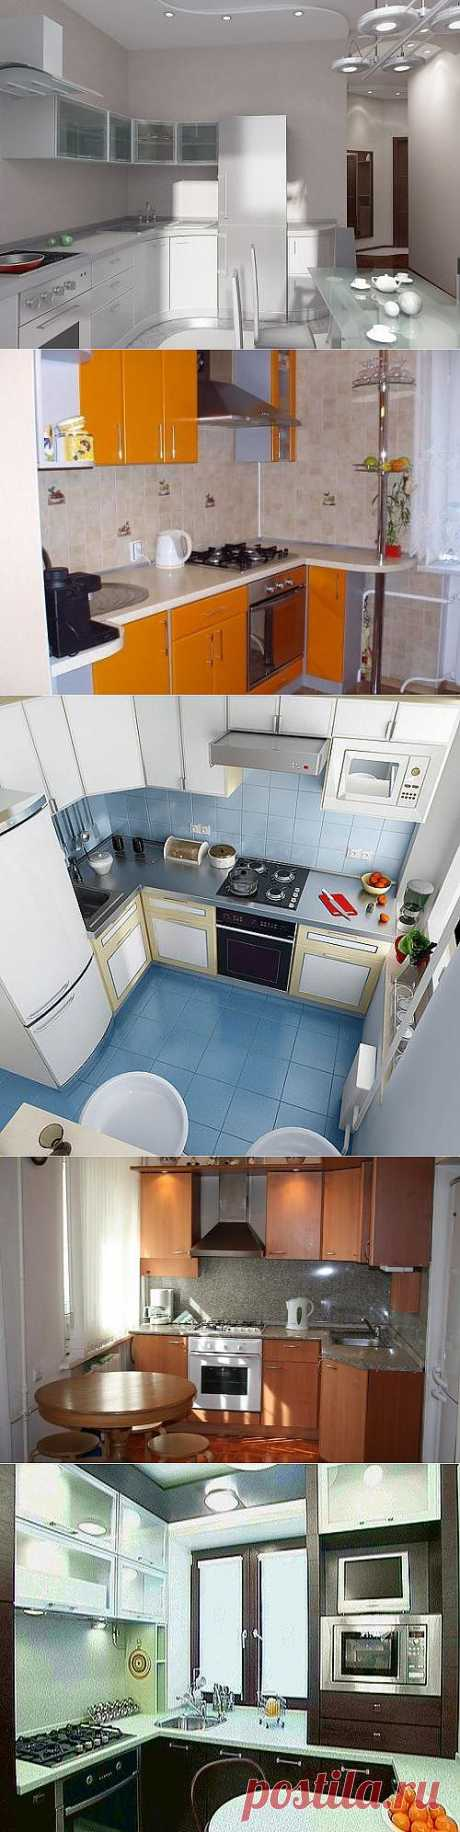 Кухни 10 кв. м. Фото